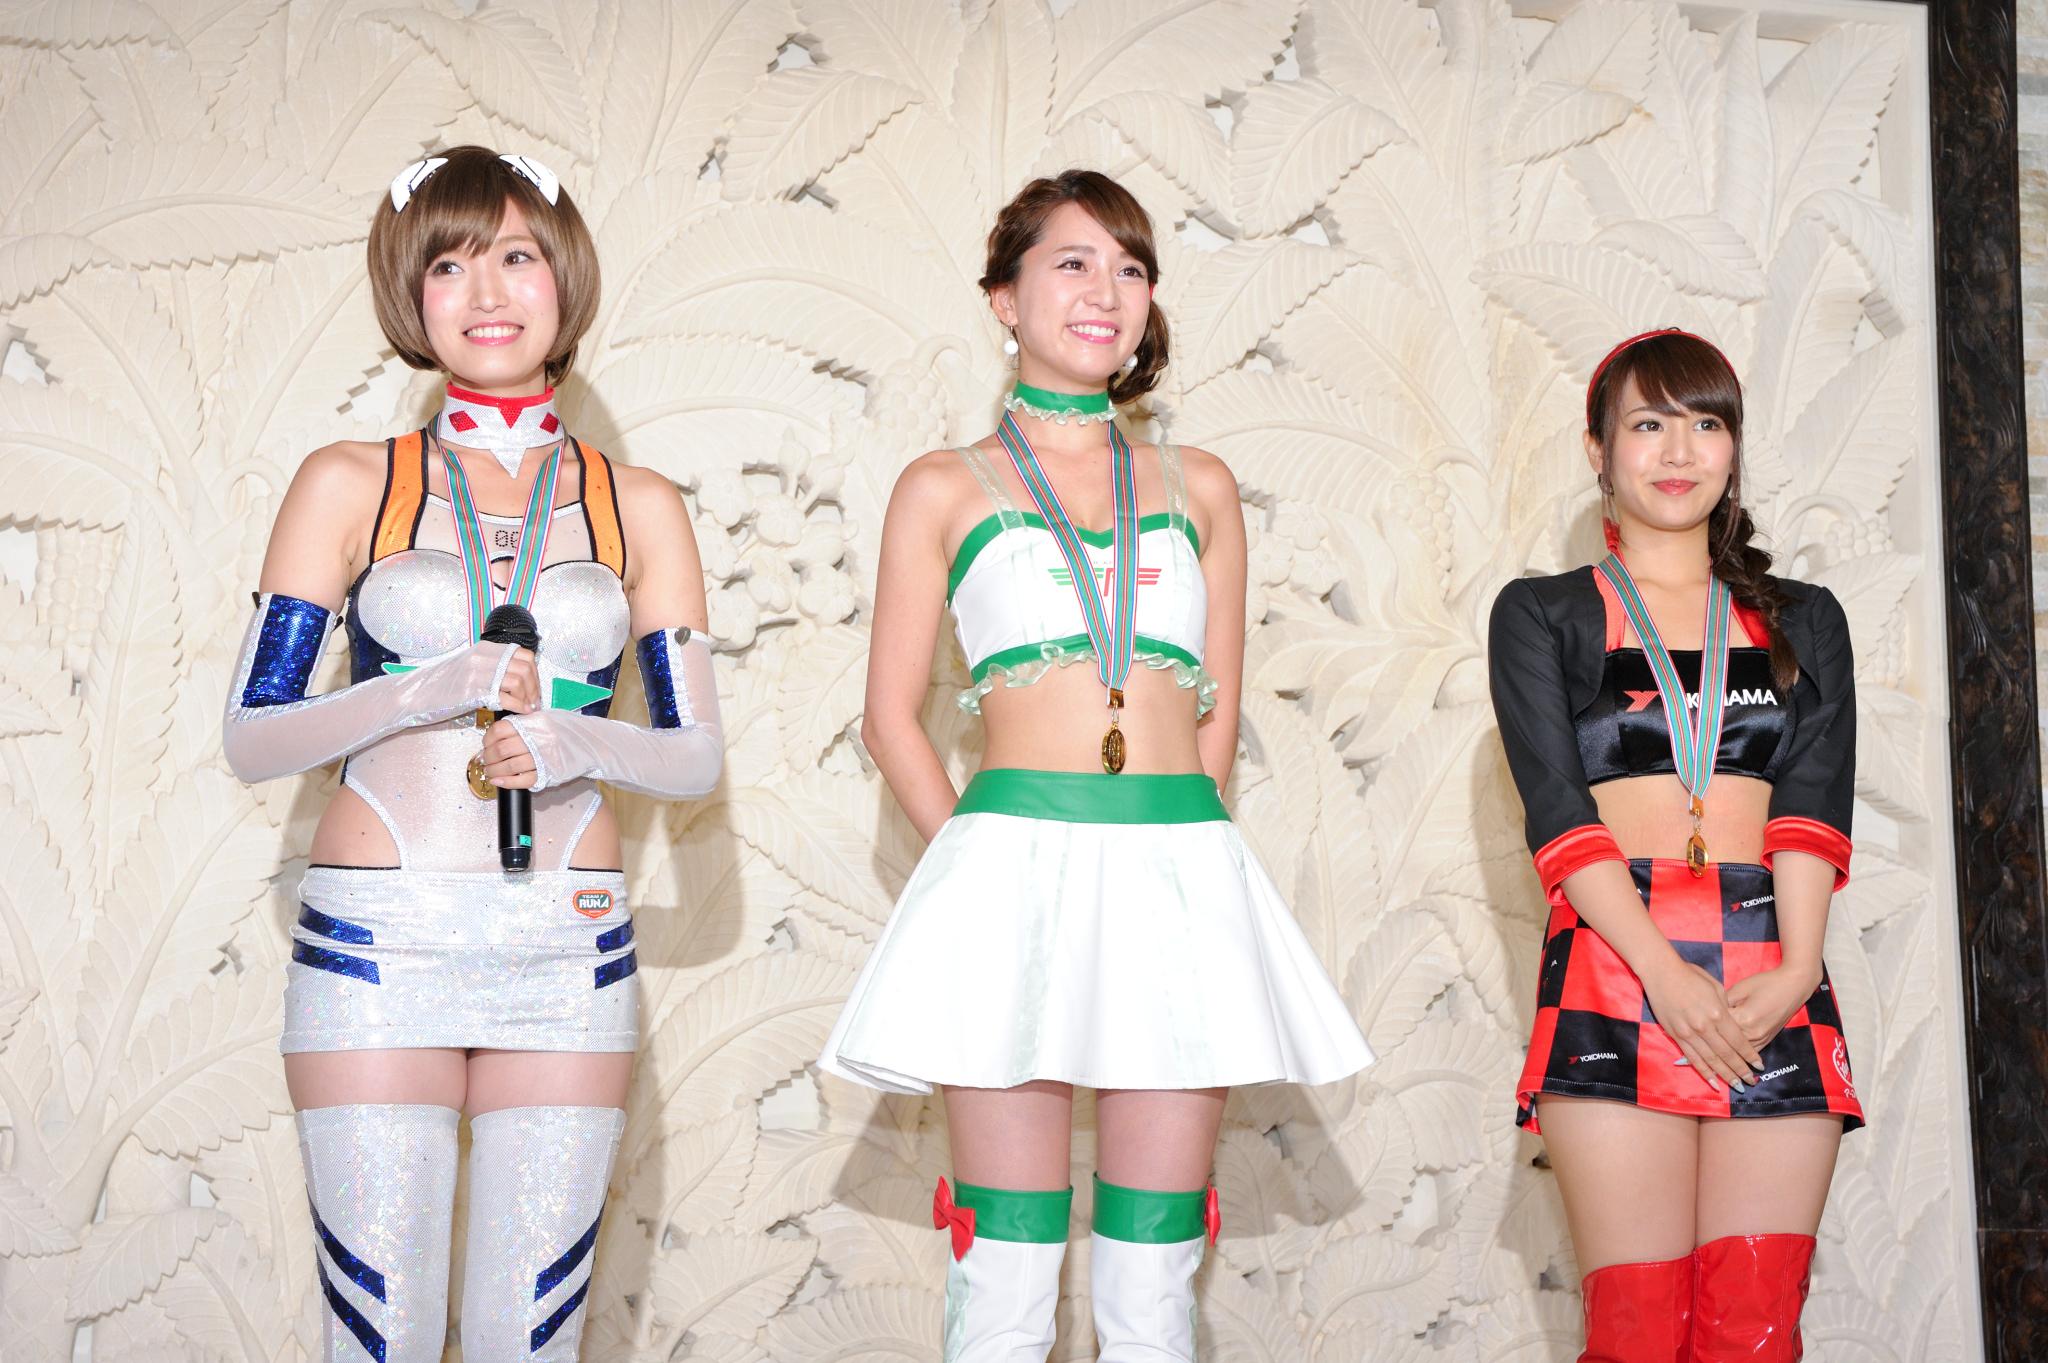 左から引地裕美さん(エヴァンゲリオンレーシングレースクイーン)、堀尾実咲さん(FRESH ANGELS)、山本愛実さん(スーパーGT ADVAN GAL)